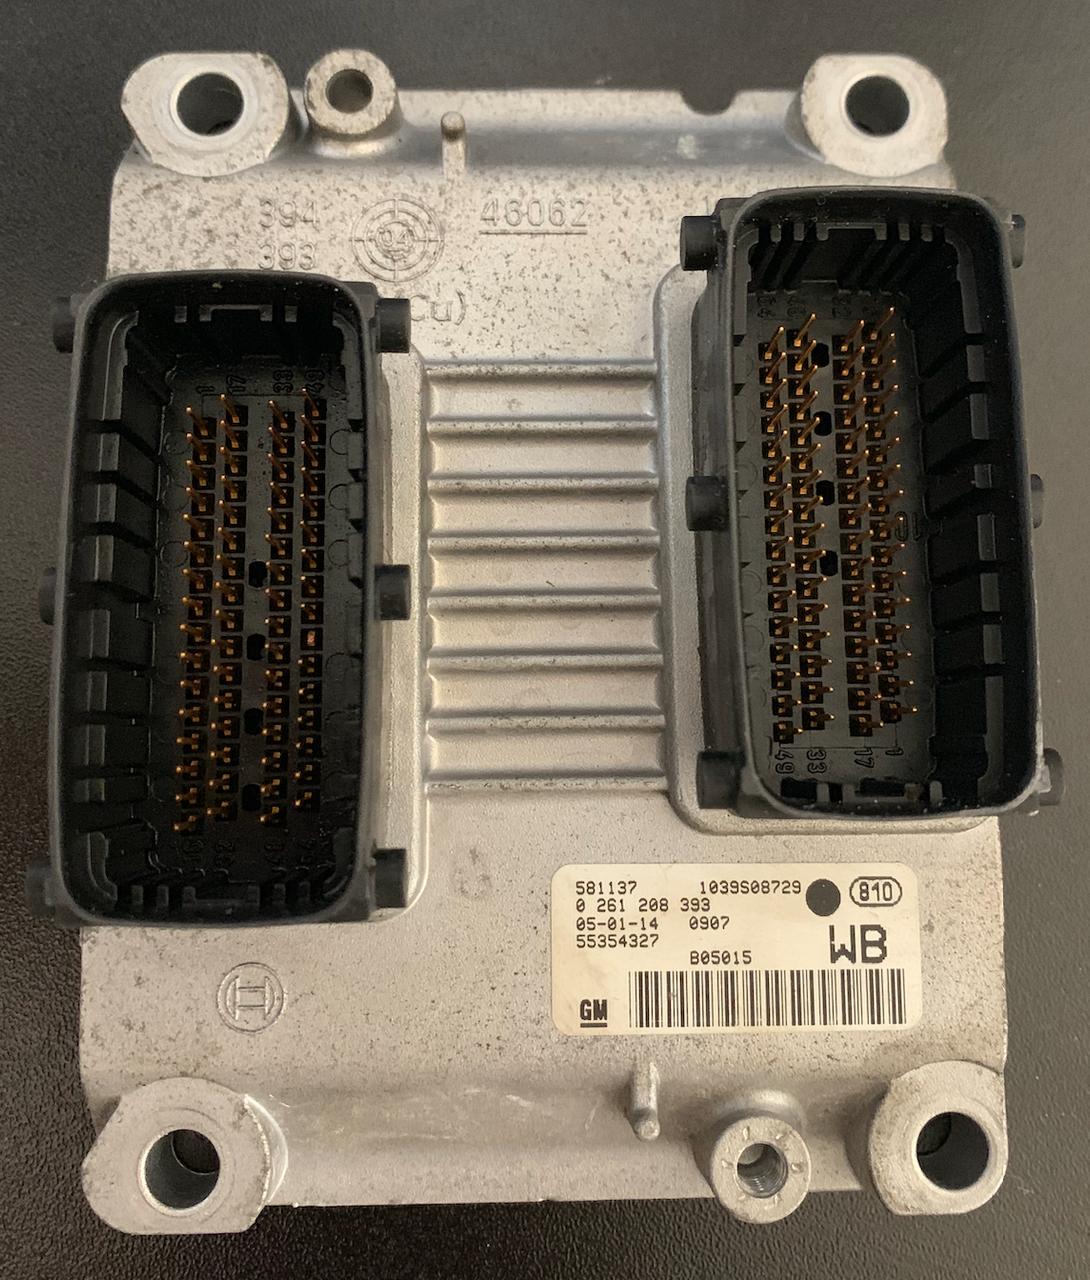 Plug & Play Bosch Engine ECU, Vauxhall/Opel Corsa 1.0, 0261208393, 0 261 208 393, 55354327, WB